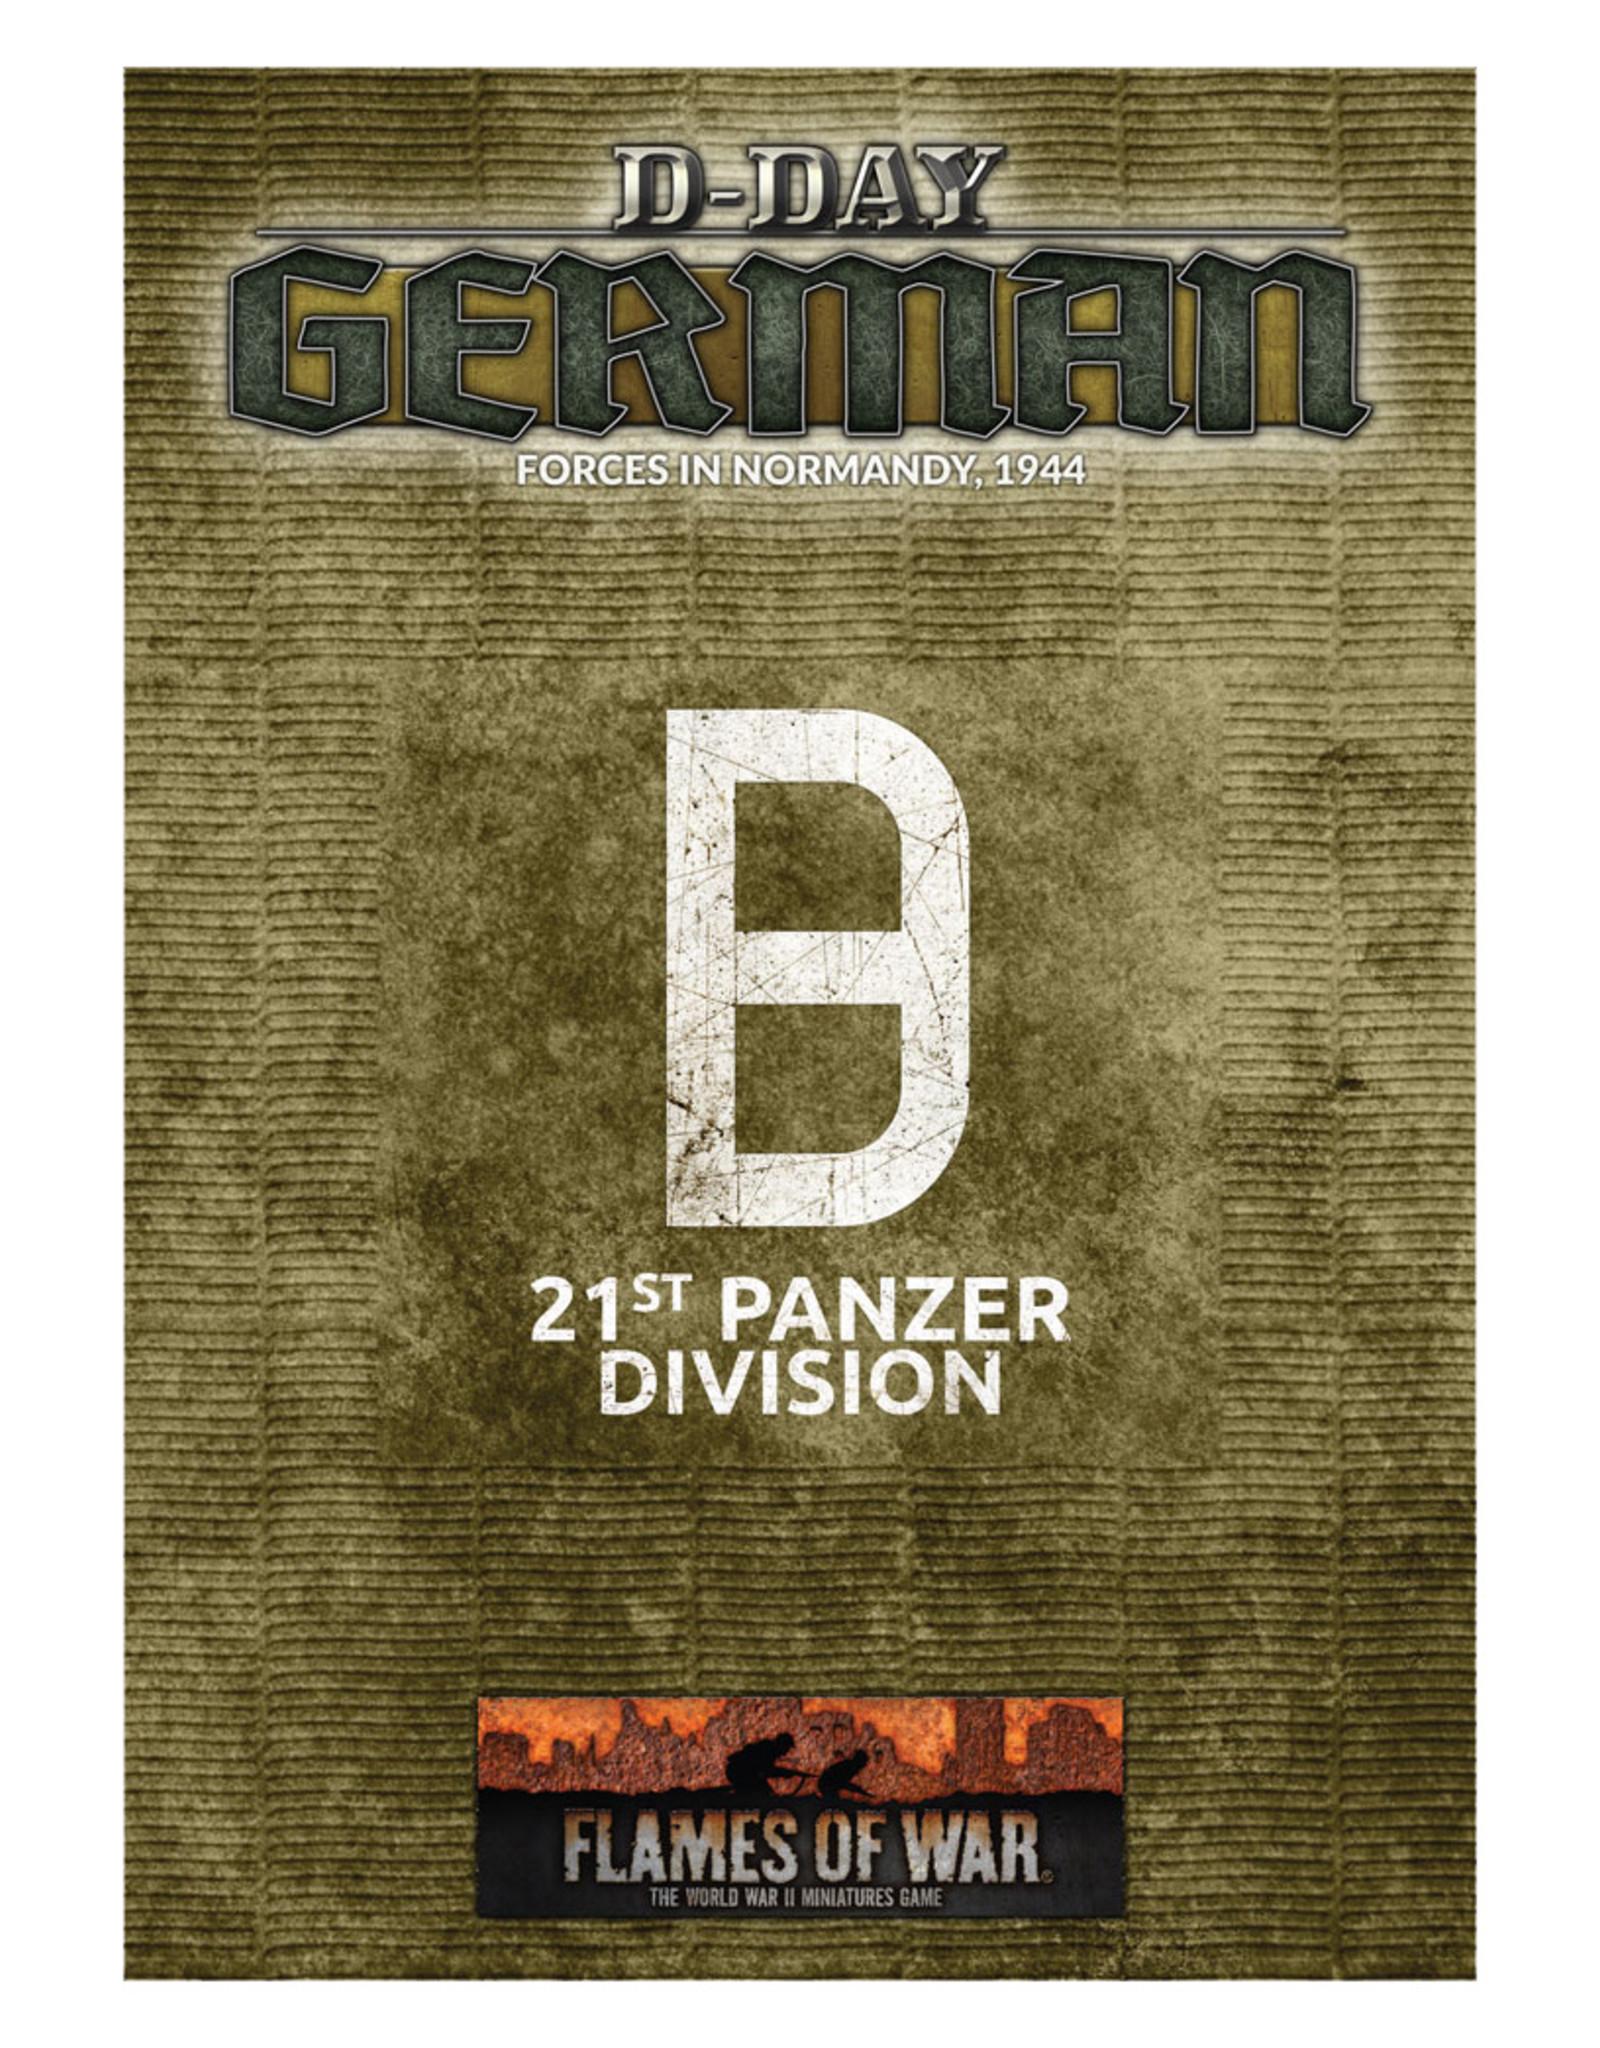 Battlefront Miniatures Ltd Flame of War | D-Day: 21st Panzer